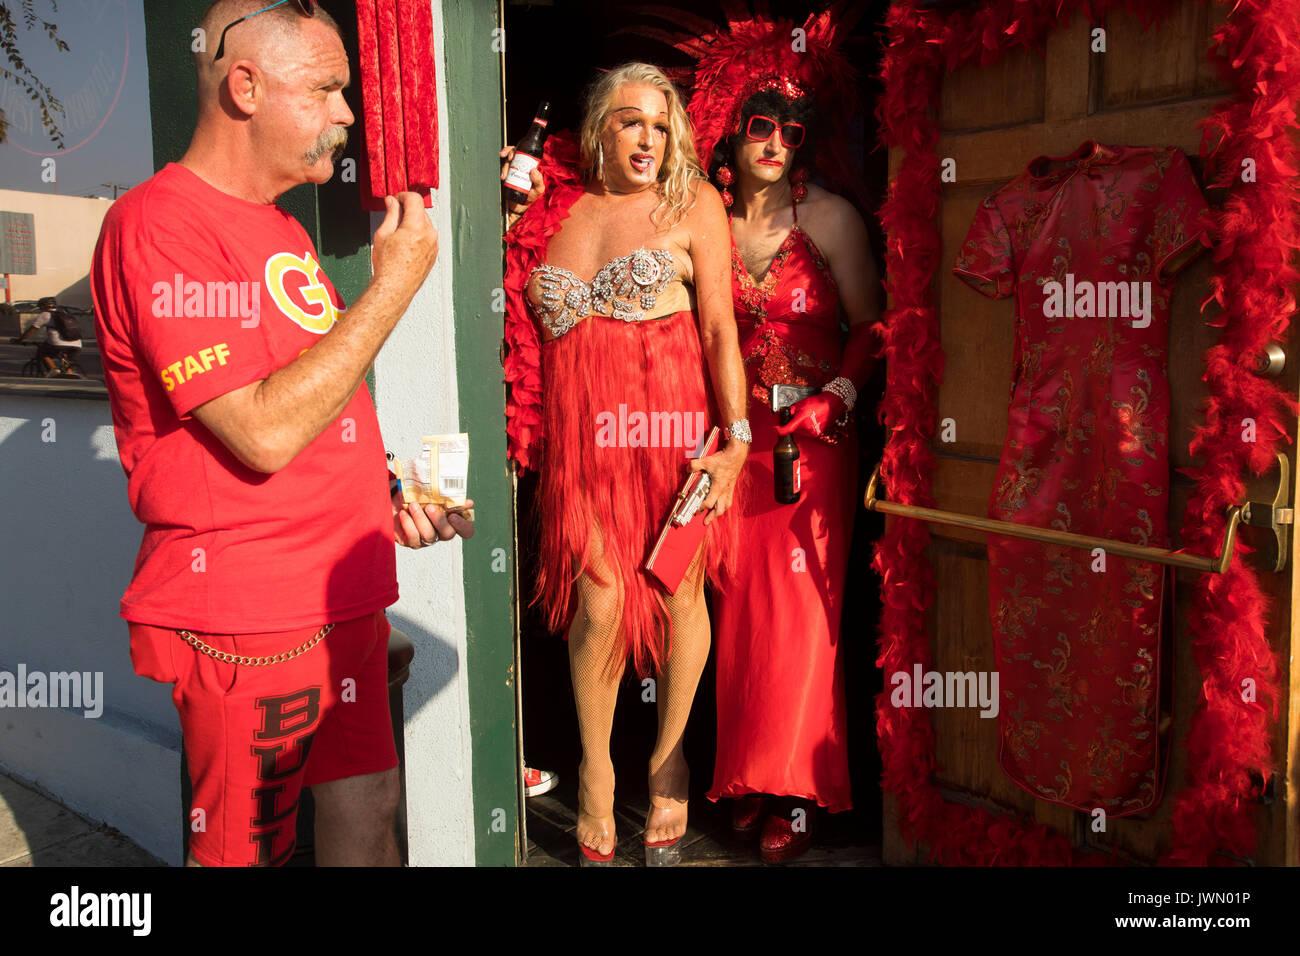 Nett Rotes Kleid Partei Galerie - Brautkleider Ideen - cashingy.info